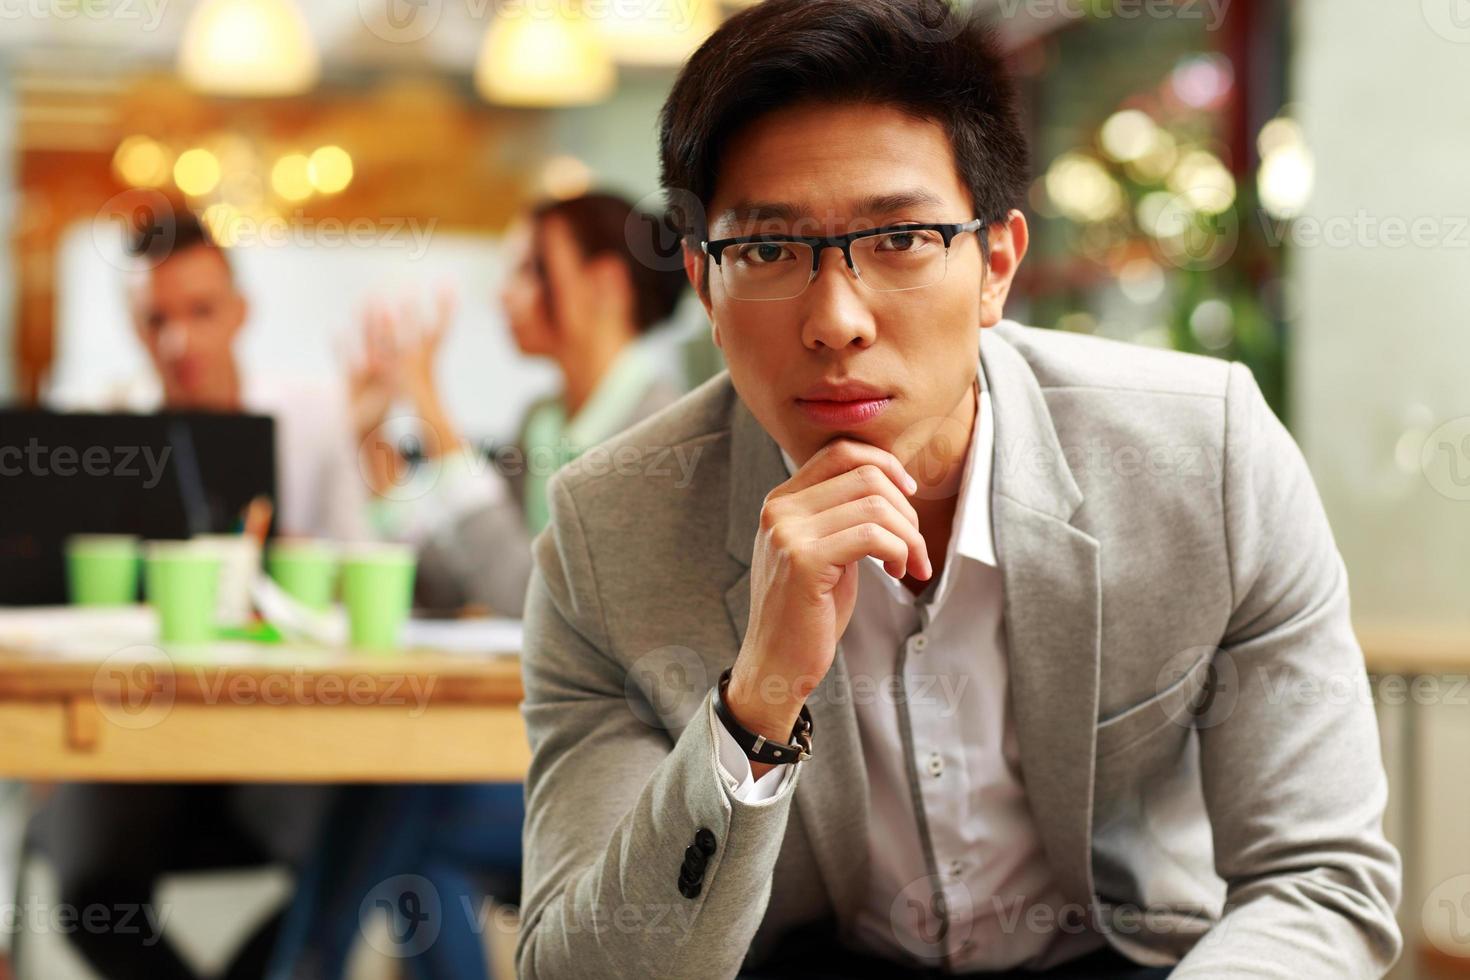 nachdenklicher asiatischer Mann, der im Büro sitzt foto